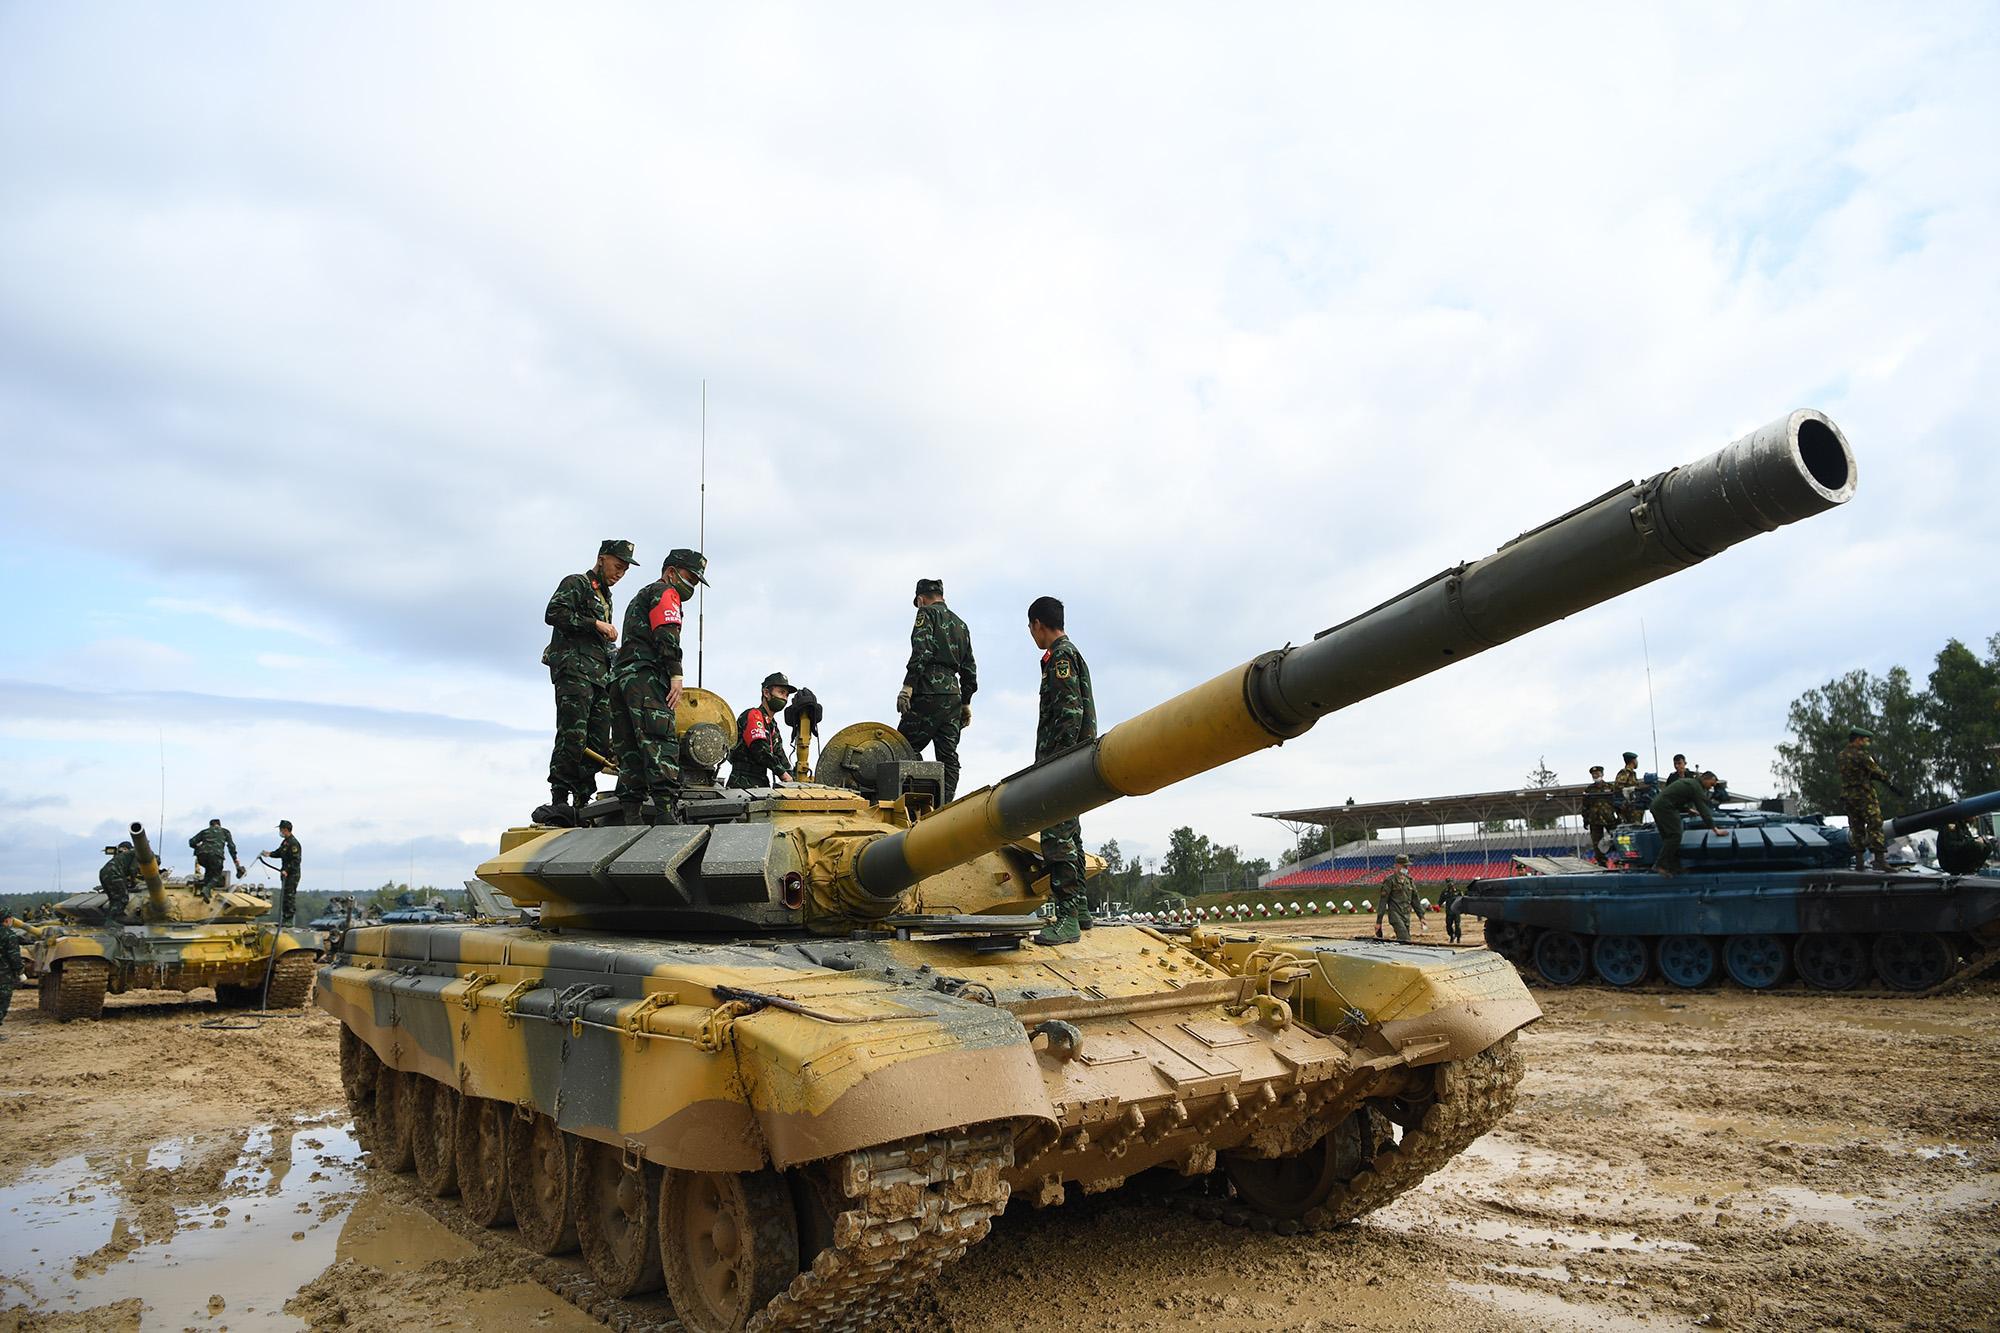 Hình ảnh xe tăng Việt Nam hùng dũng thi đấu ở trận 2 Tank Biathlon - Army Games 2020 - Ảnh 9.